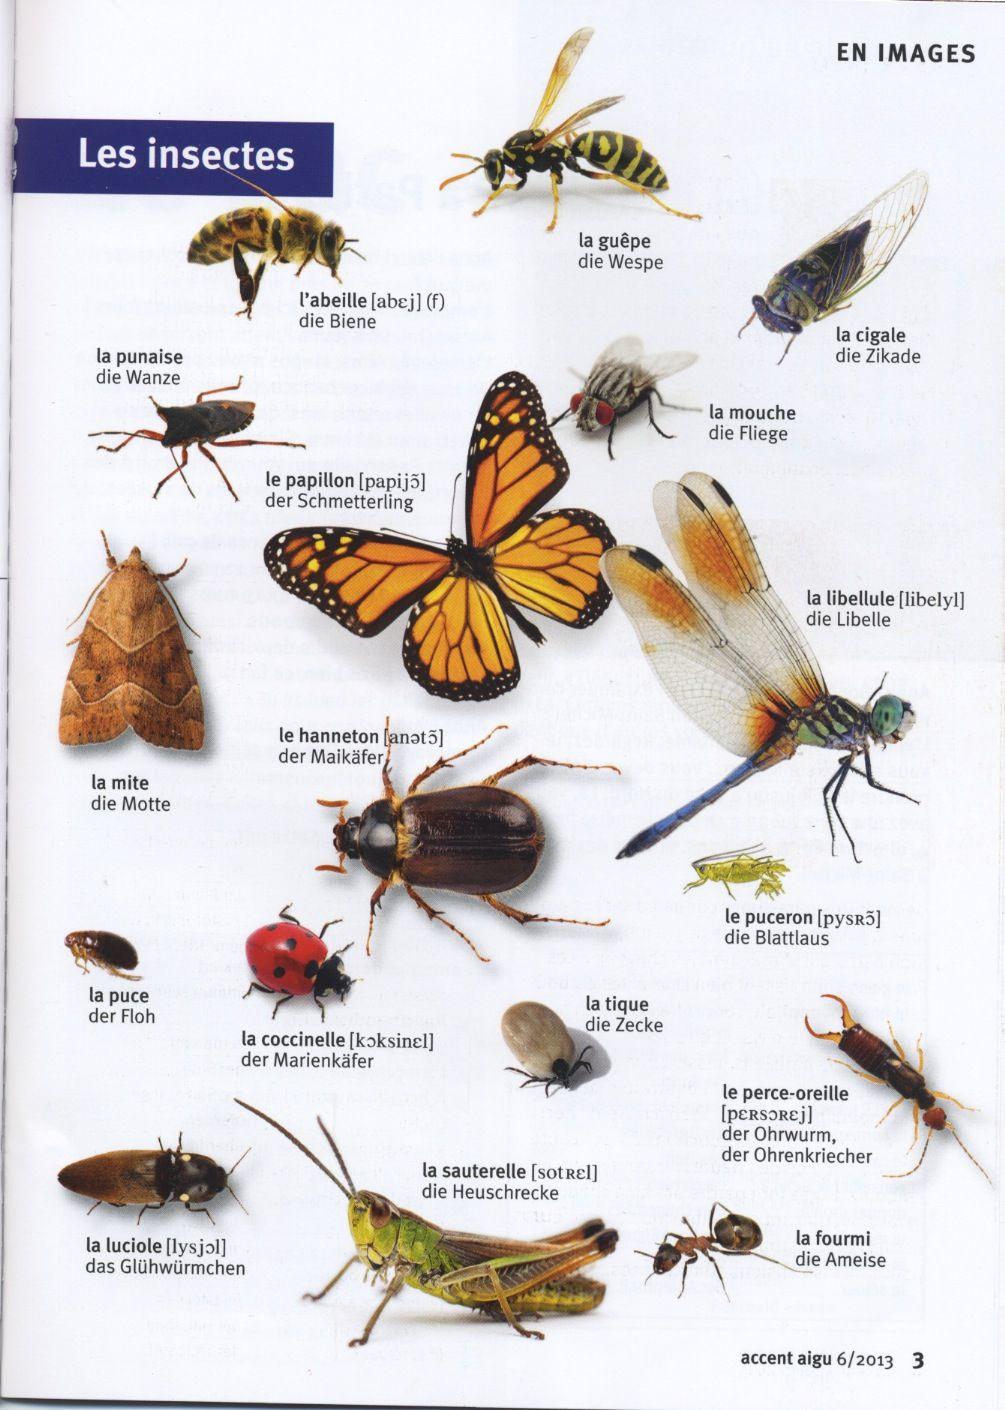 Les Insectes | Insectes, L'éducation Française, Abeille encequiconcerne Les Noms Des Insectes